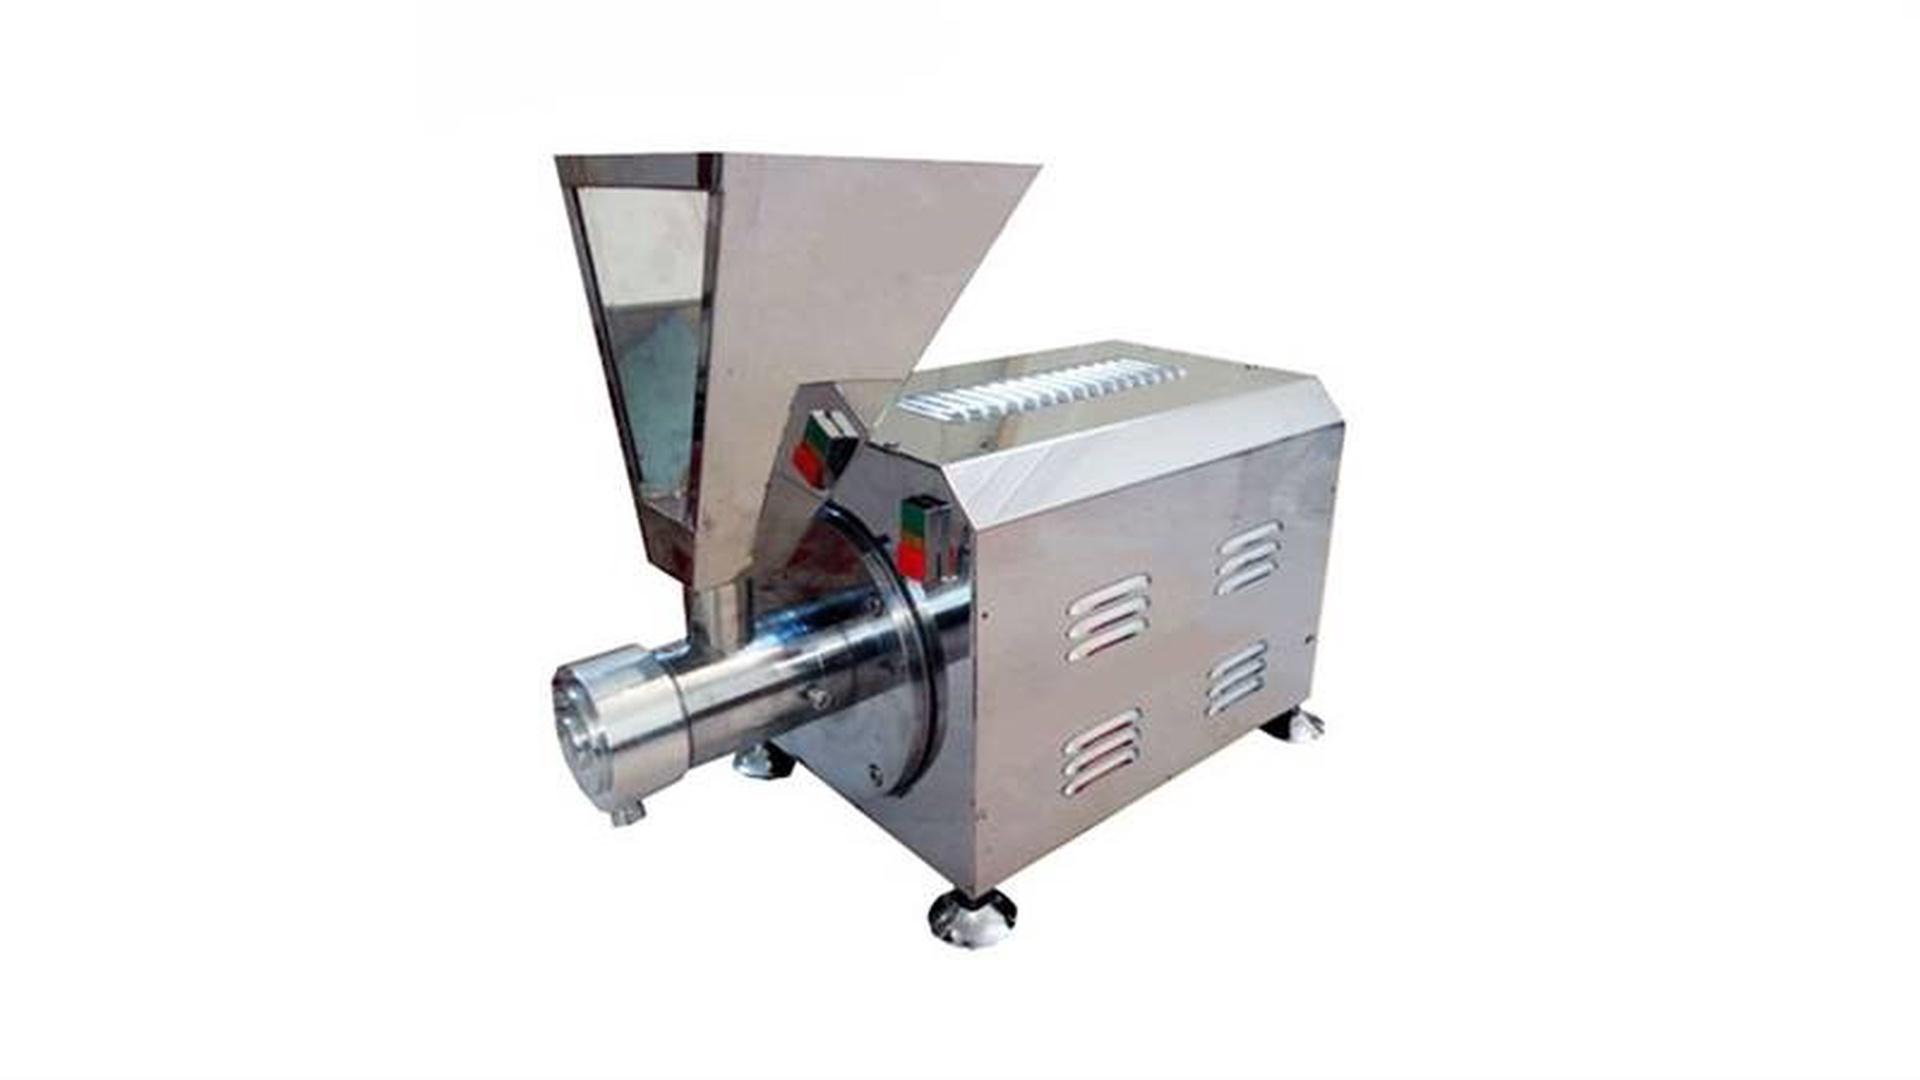 دستگاه کره گیری برقی فروشگاهی با ظرفیت 30 کیلوگرم